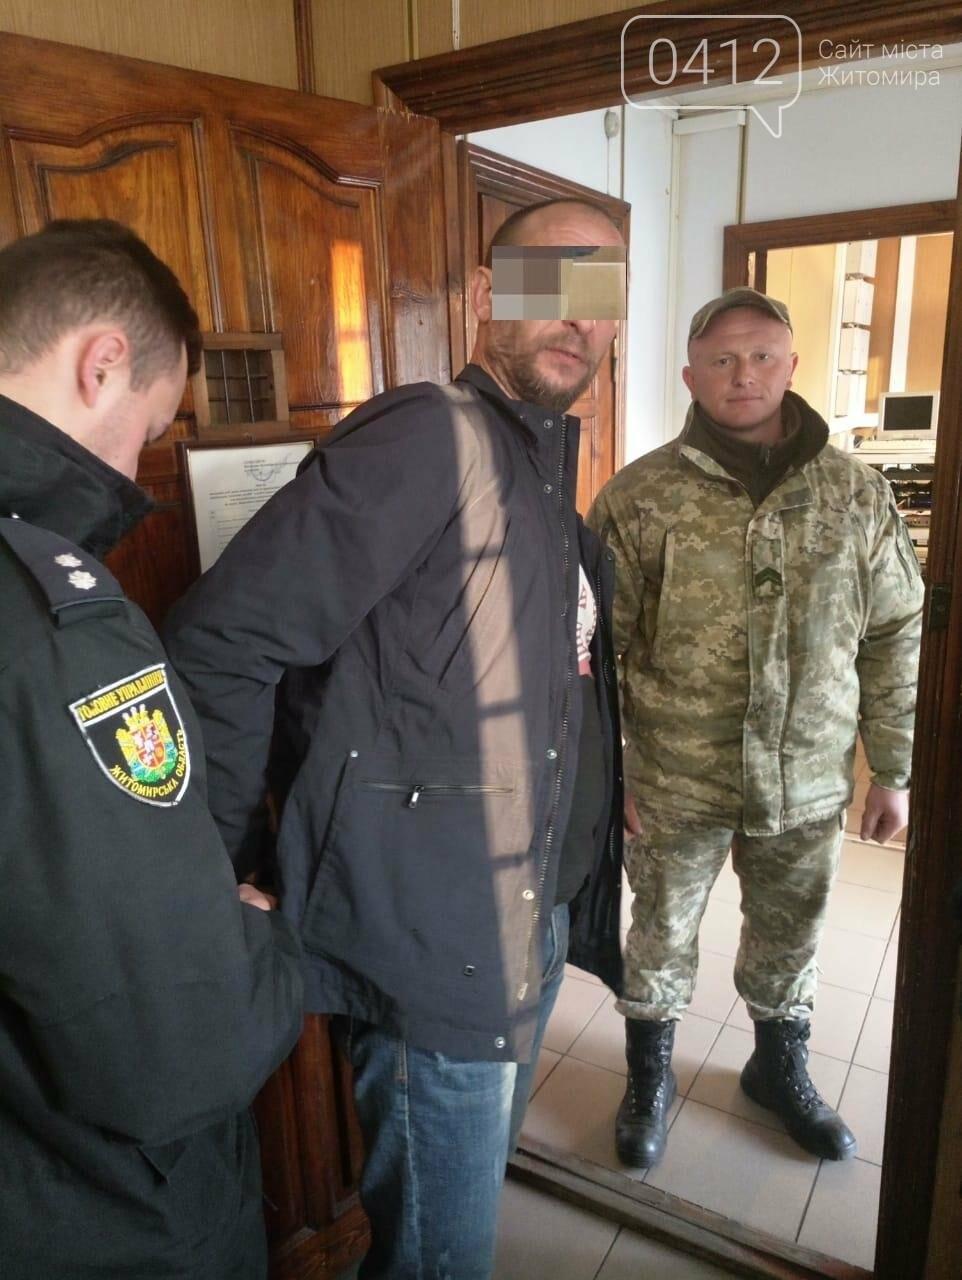 Чоловіка, який втікав 6 років, затримали прикордонники Житомирщини, фото-1